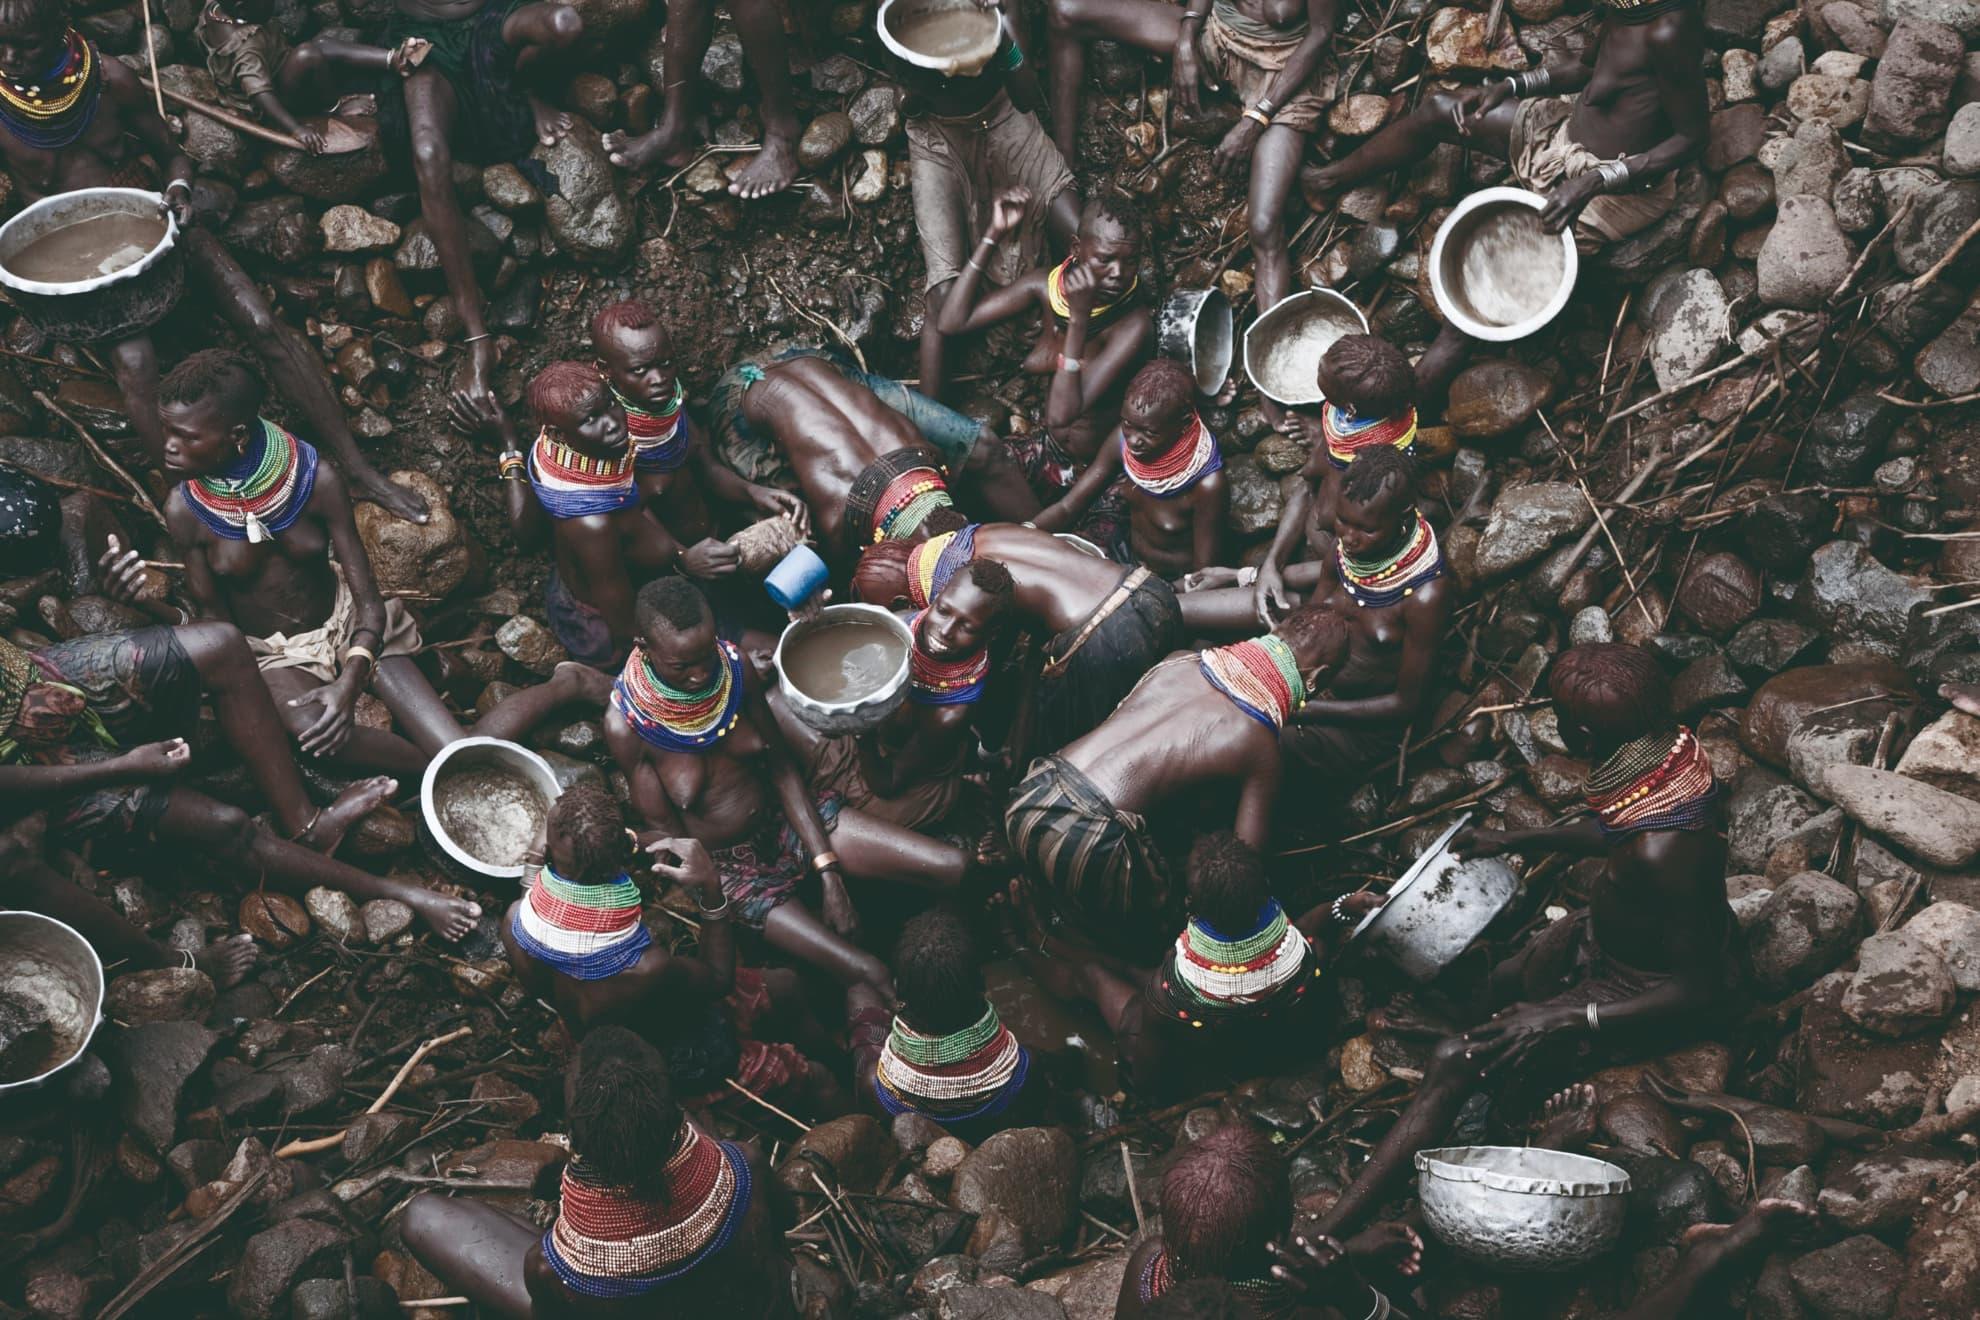 Mujeres turkana obtienen agua para personas y ganado de un pozo casero de 20 metros de profundidad, en la aldea de Kaitede, región de Turkana, en Kenia. Octubre de 2009.